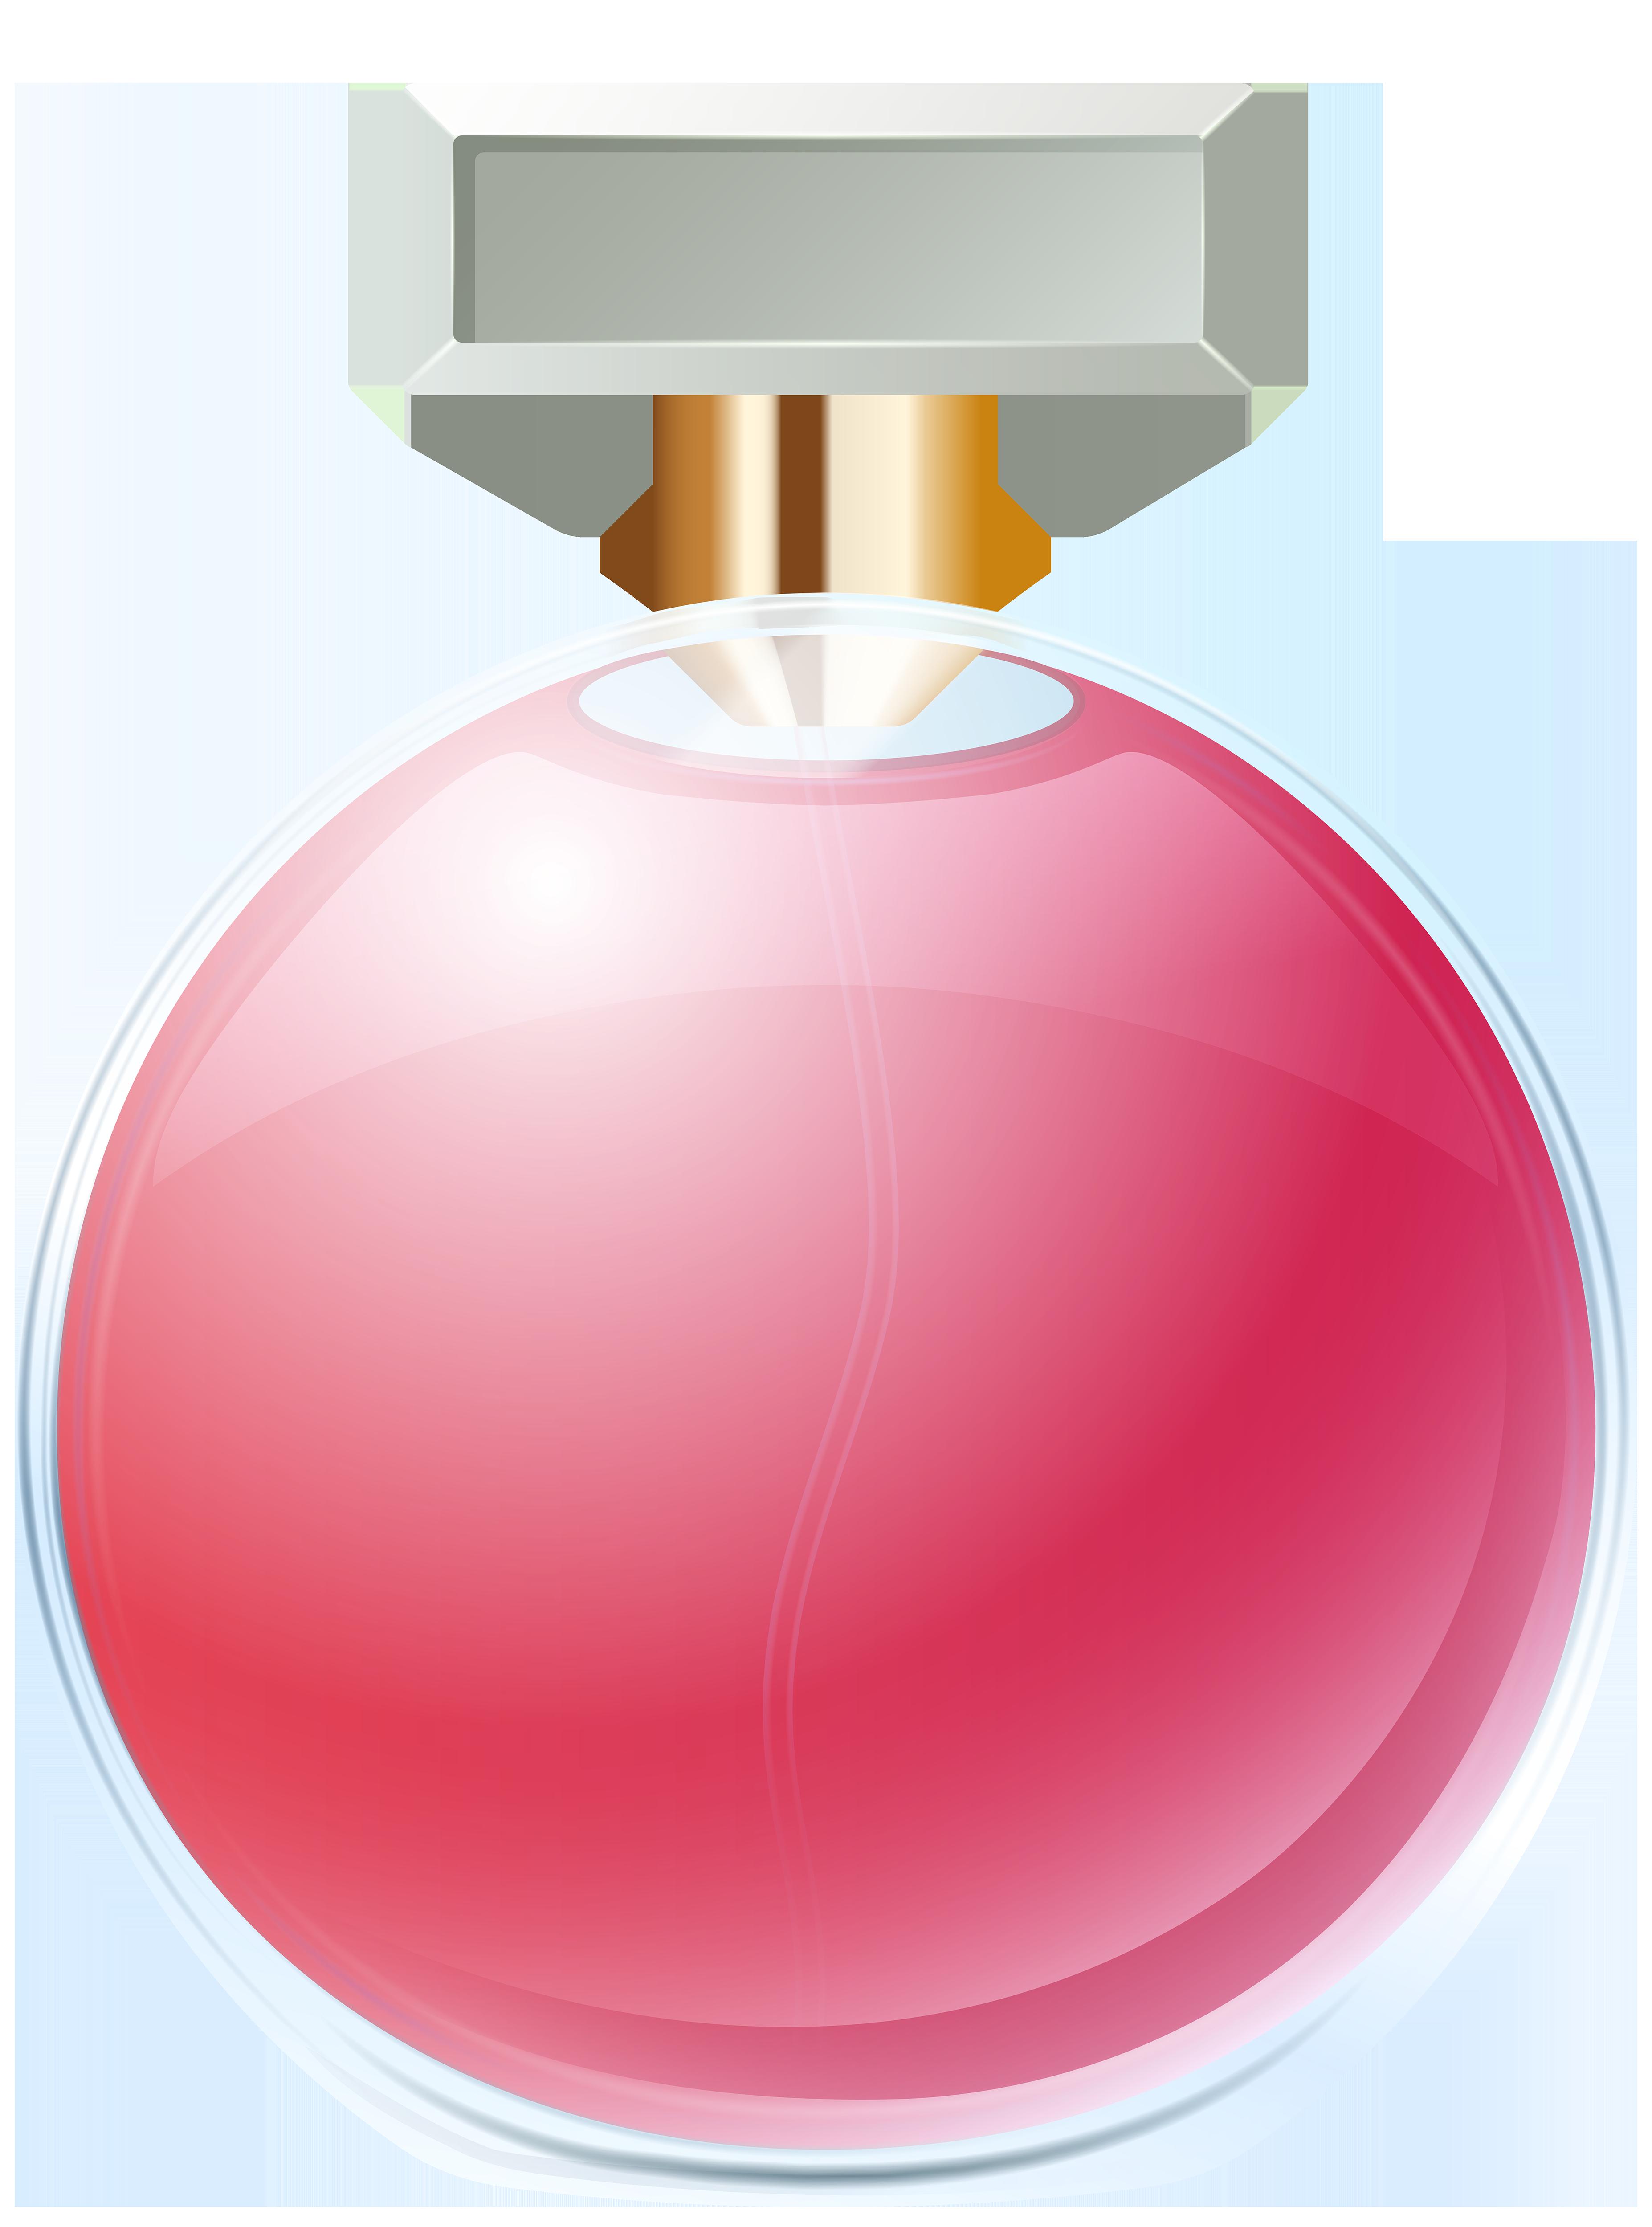 Bottle clipart transparent background. Perfume png clip art